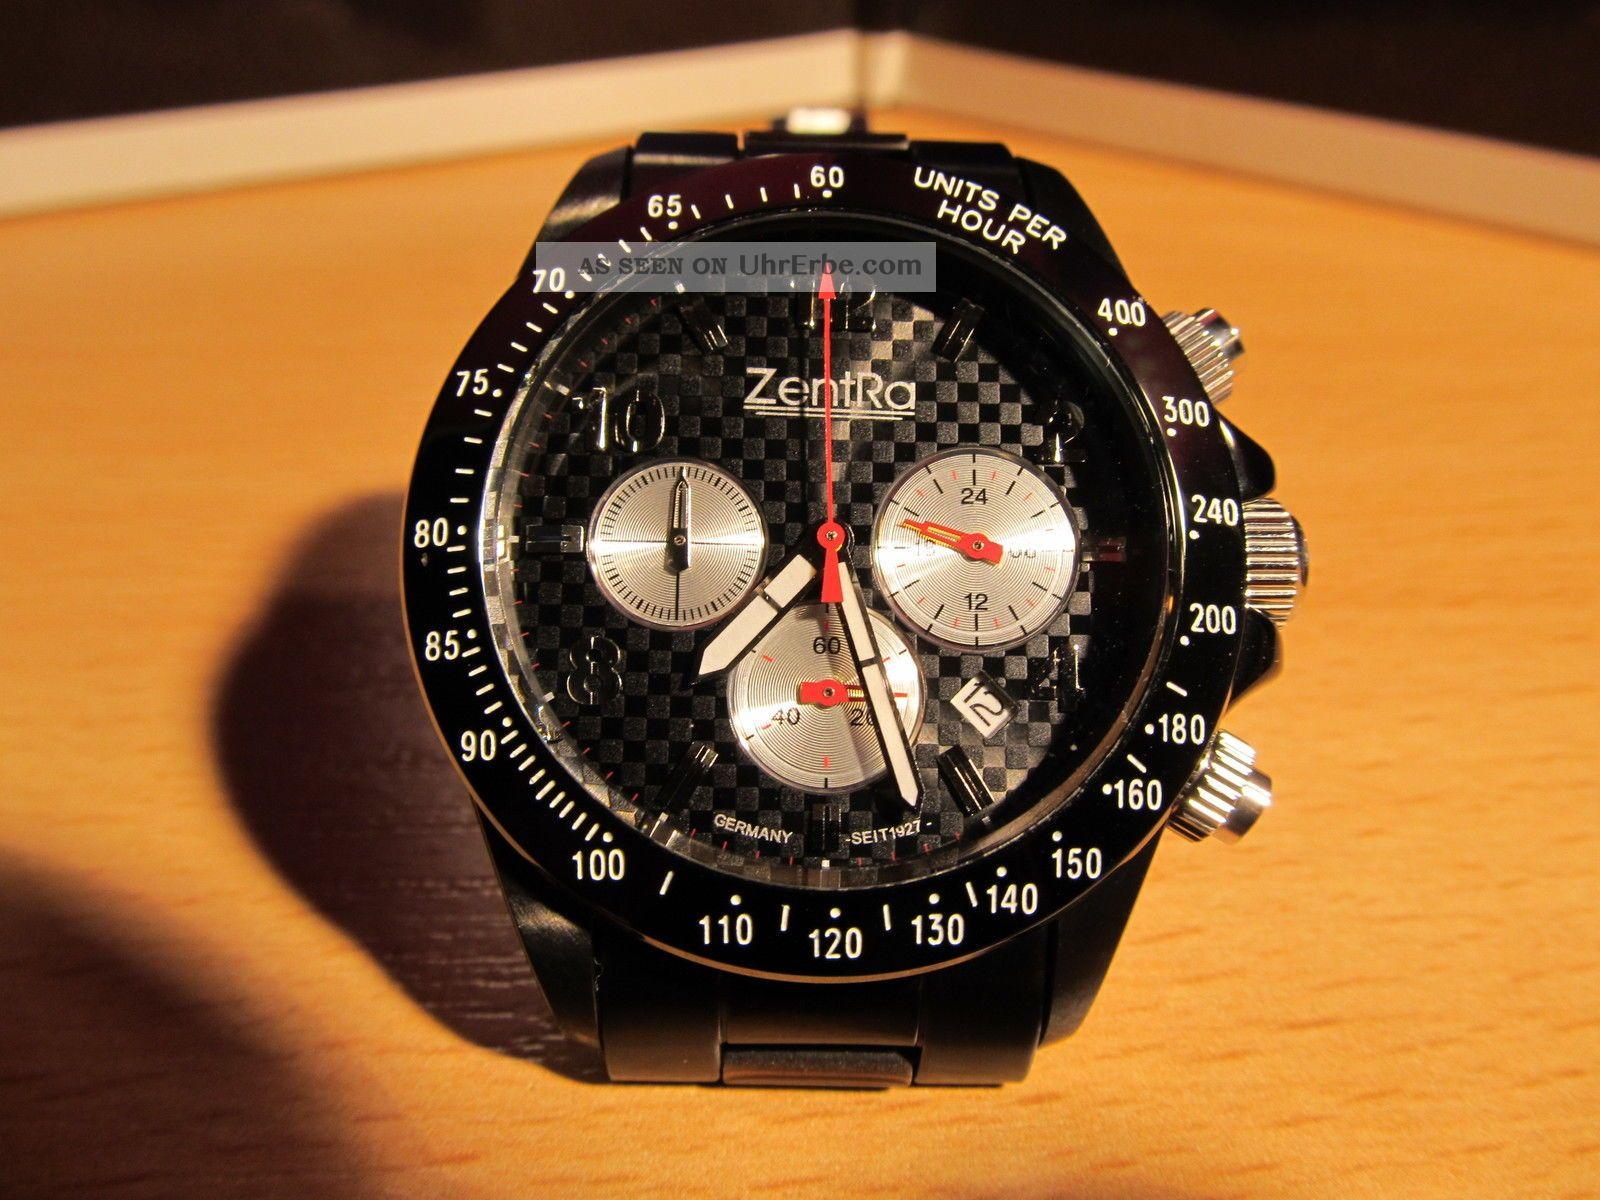 Zentra Chronometer Armbanduhren Bild